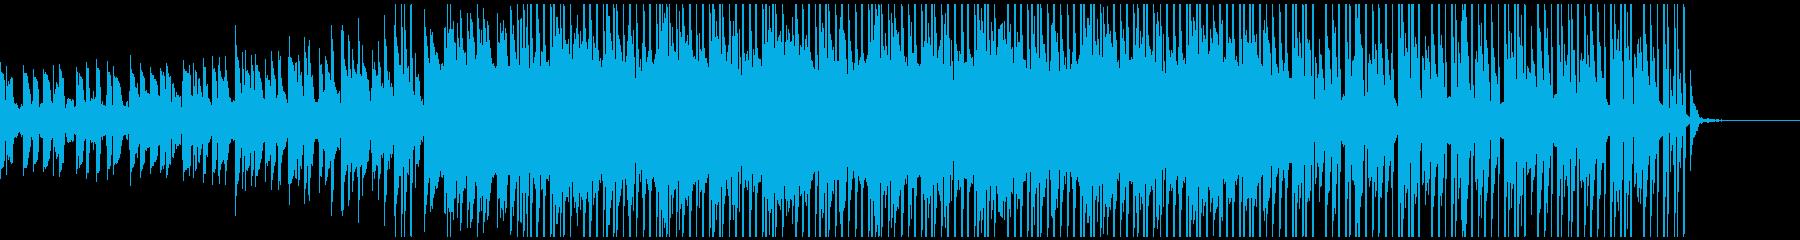 不気味な雰囲気のビートの再生済みの波形